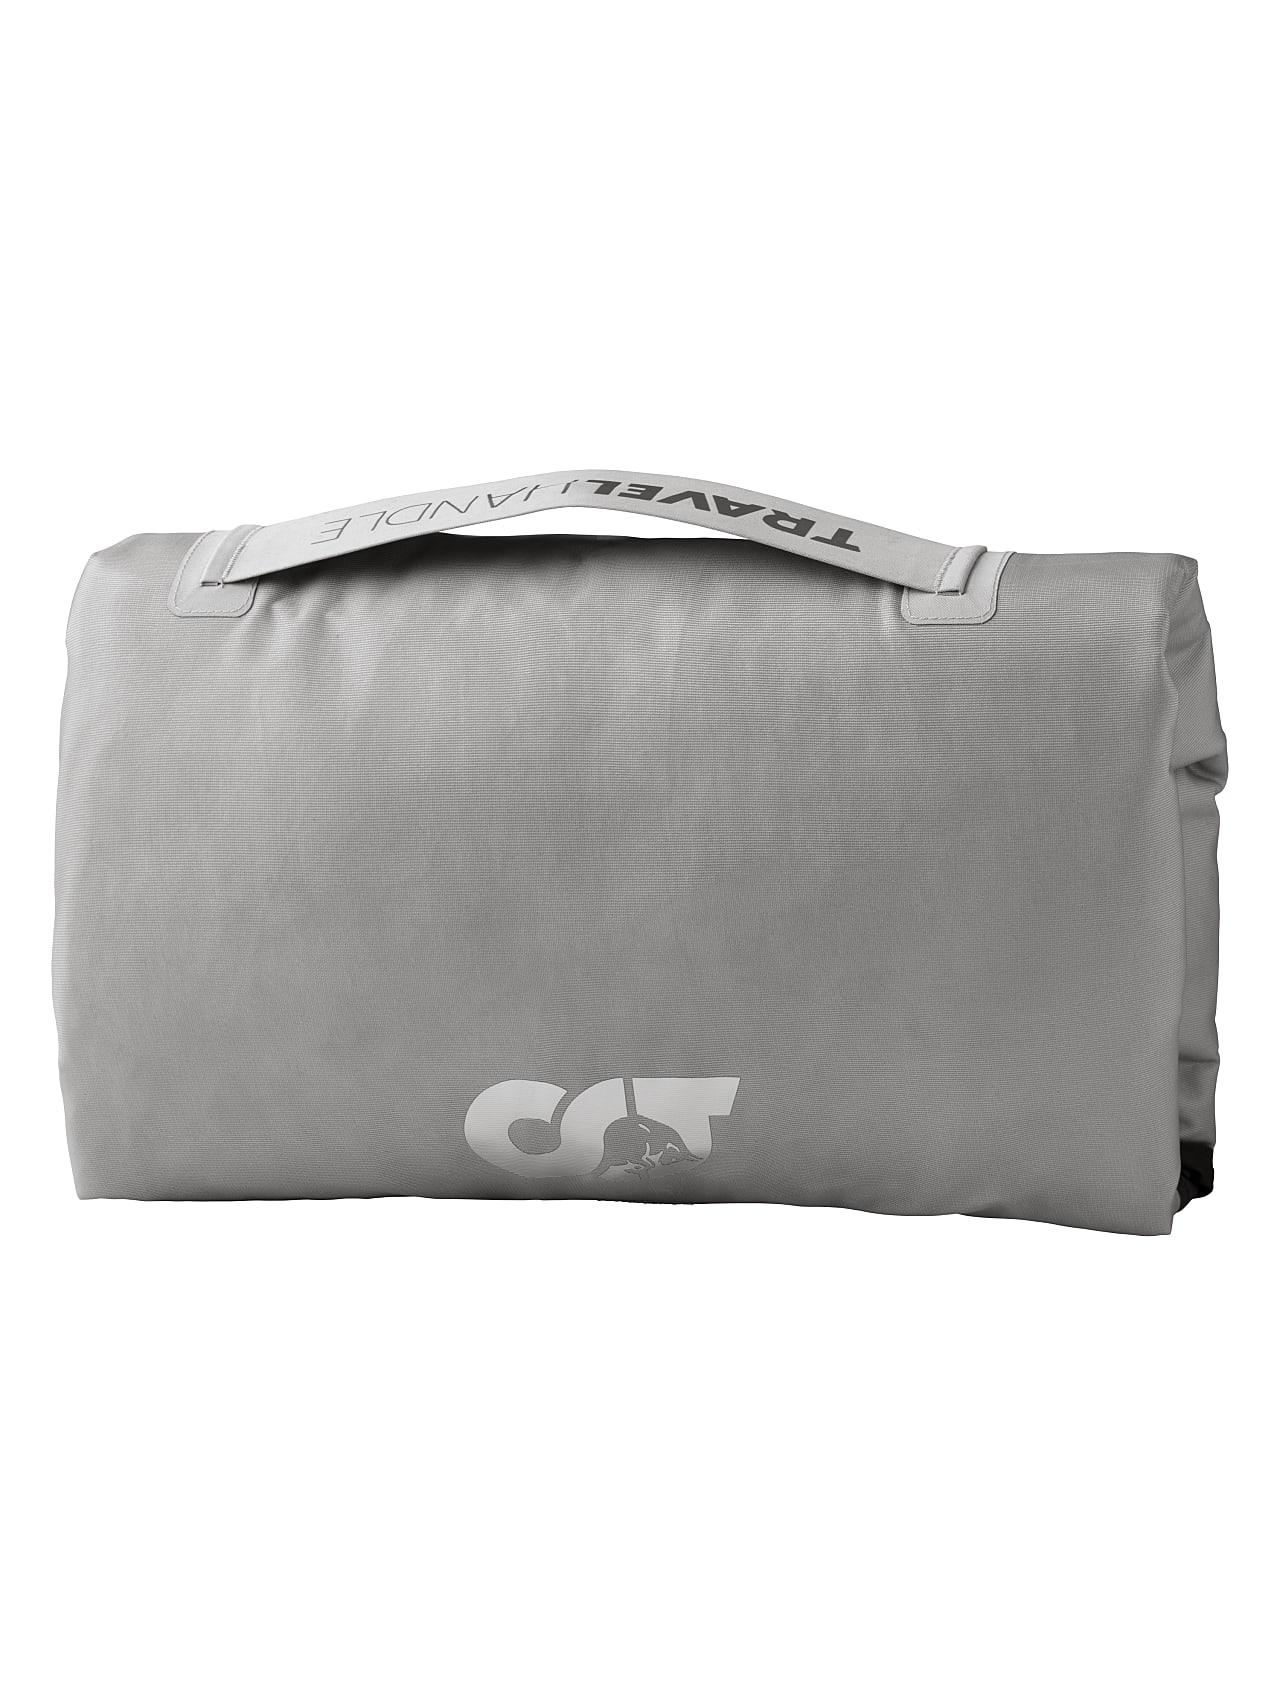 OSOOV V2.Y4.01 Technical 3-Layer Jacket with Taurex® light grey Extra Alpha Tauri